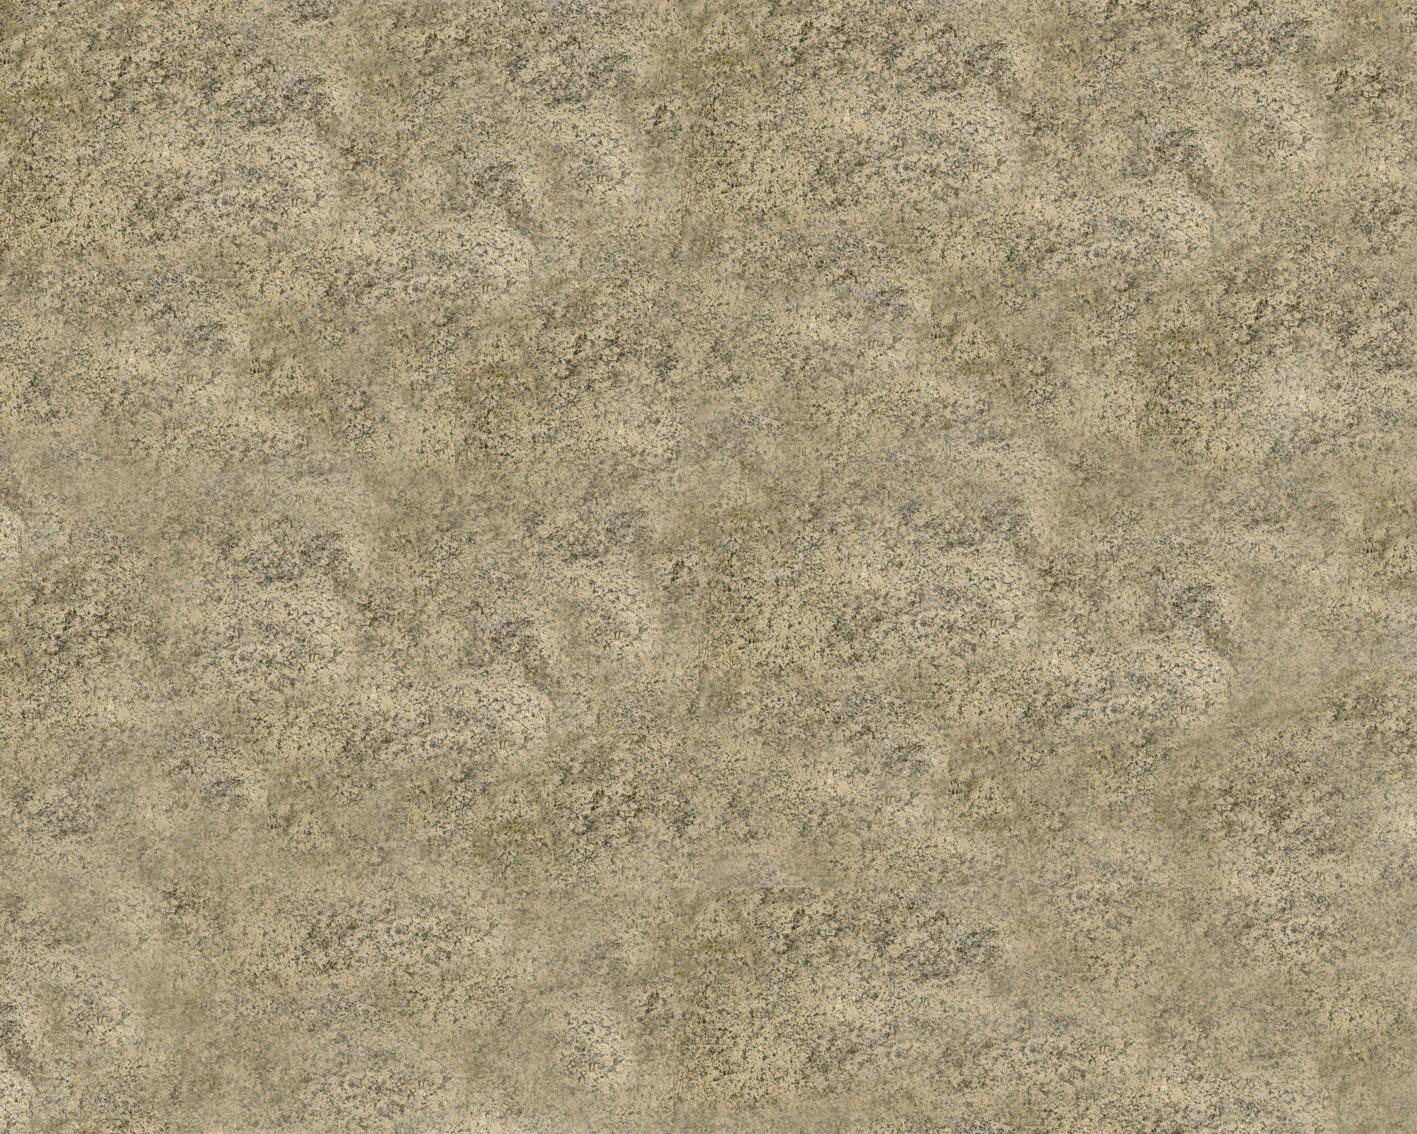 Textura piedra for Granito en piedra